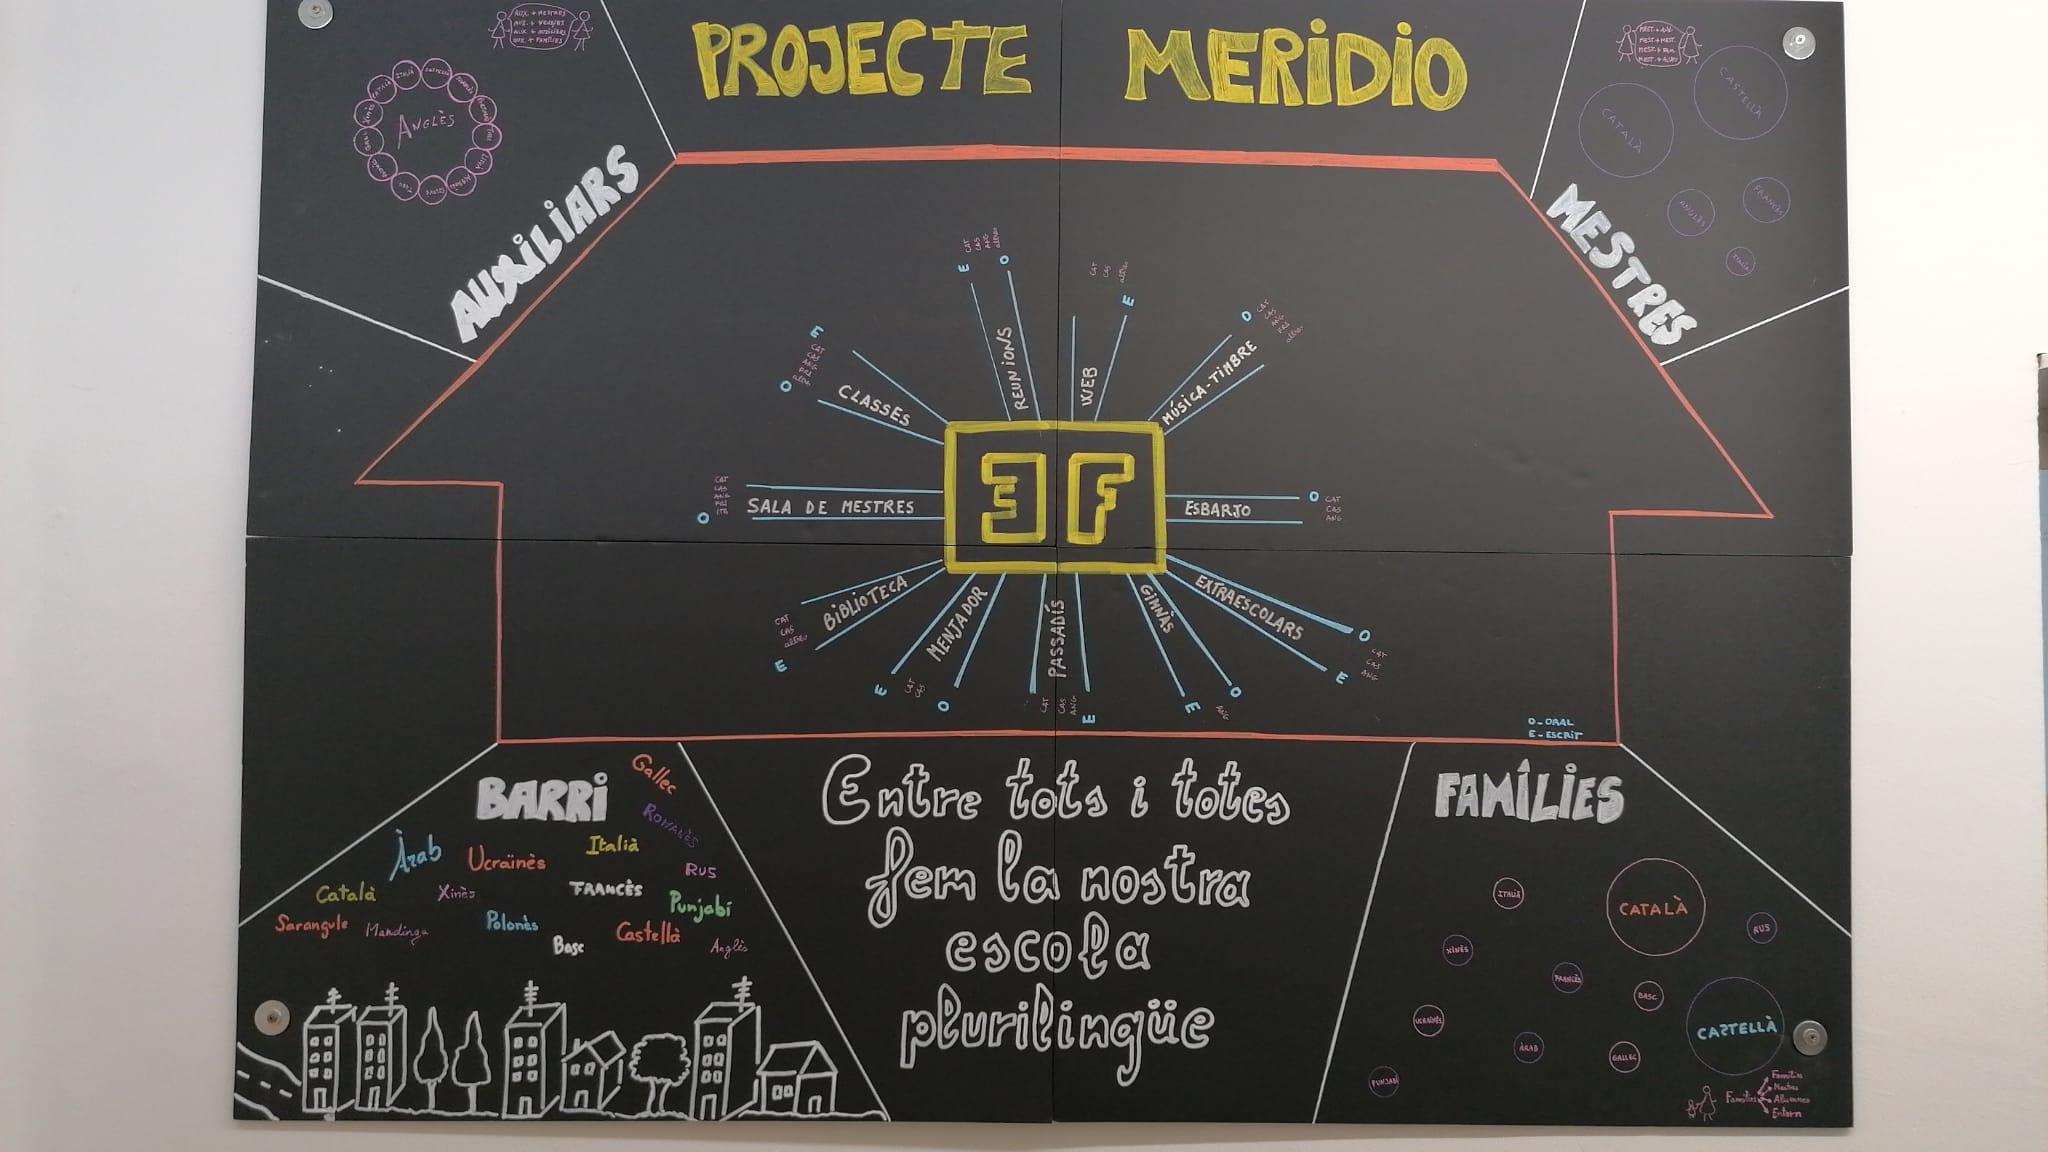 Paisatge lingüístic escola Enric Farreny (Lleida, Catalunya, Espanya) 5/21